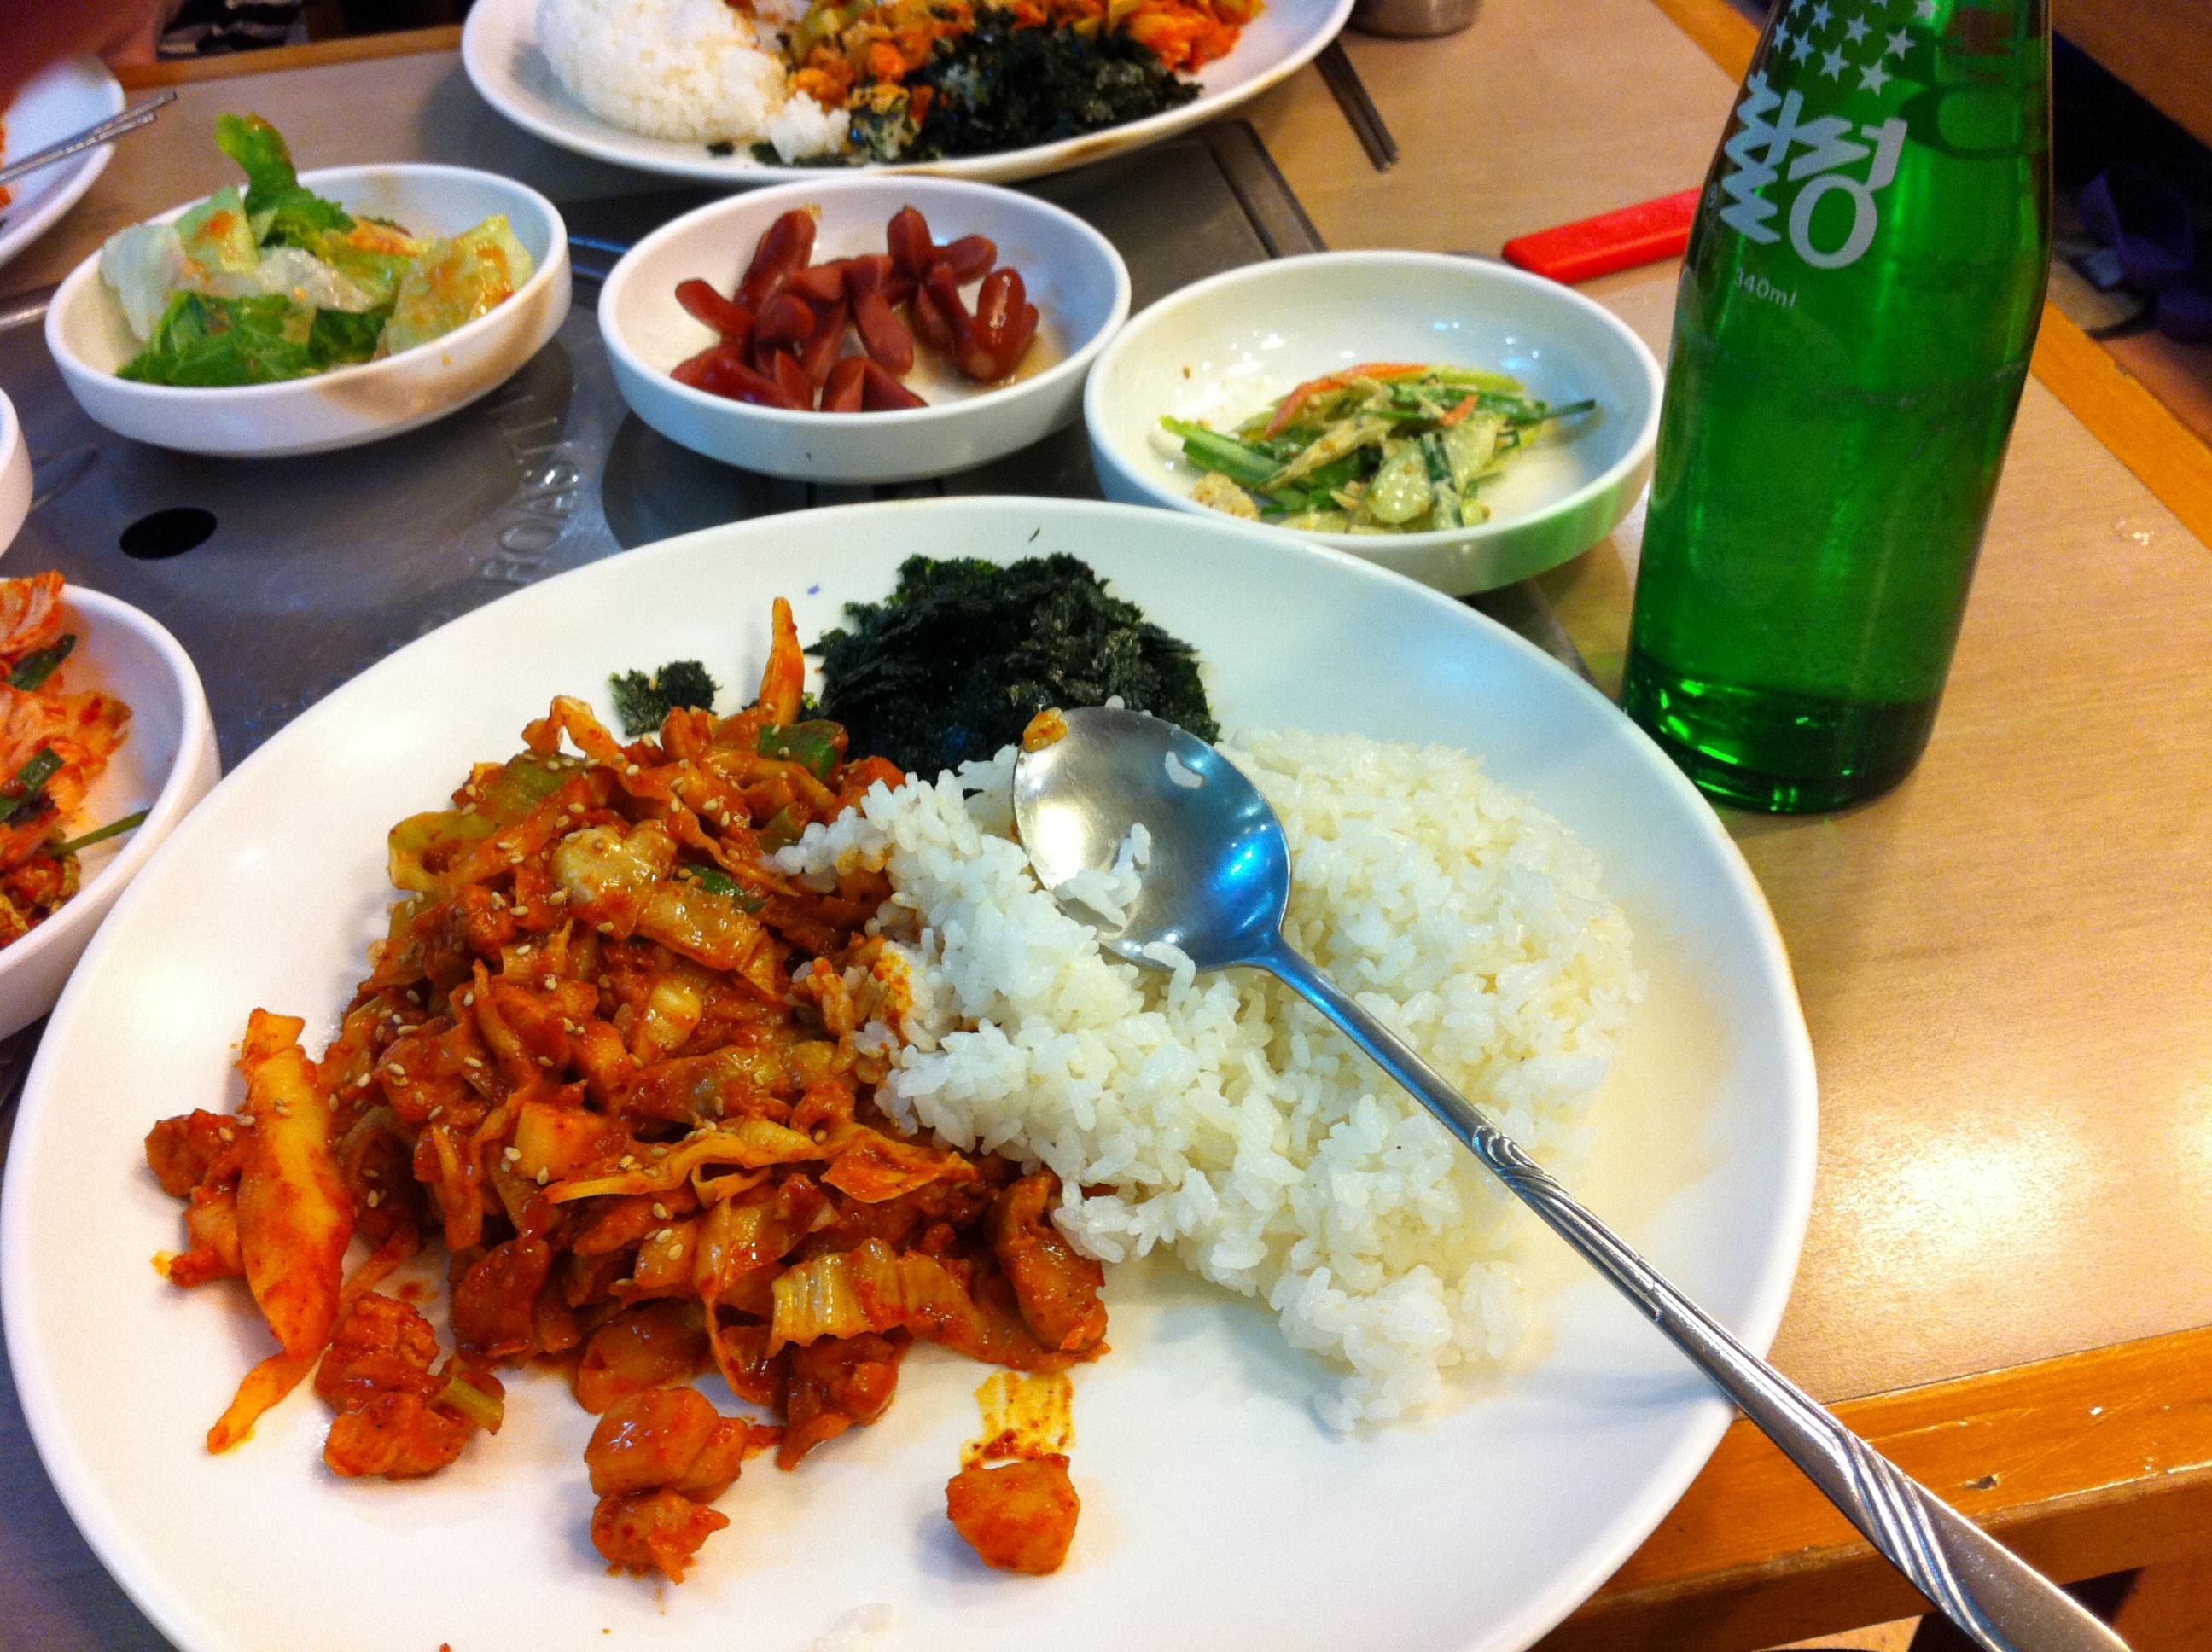 4월 23일 신림동 민토 보드게임 모임 후기